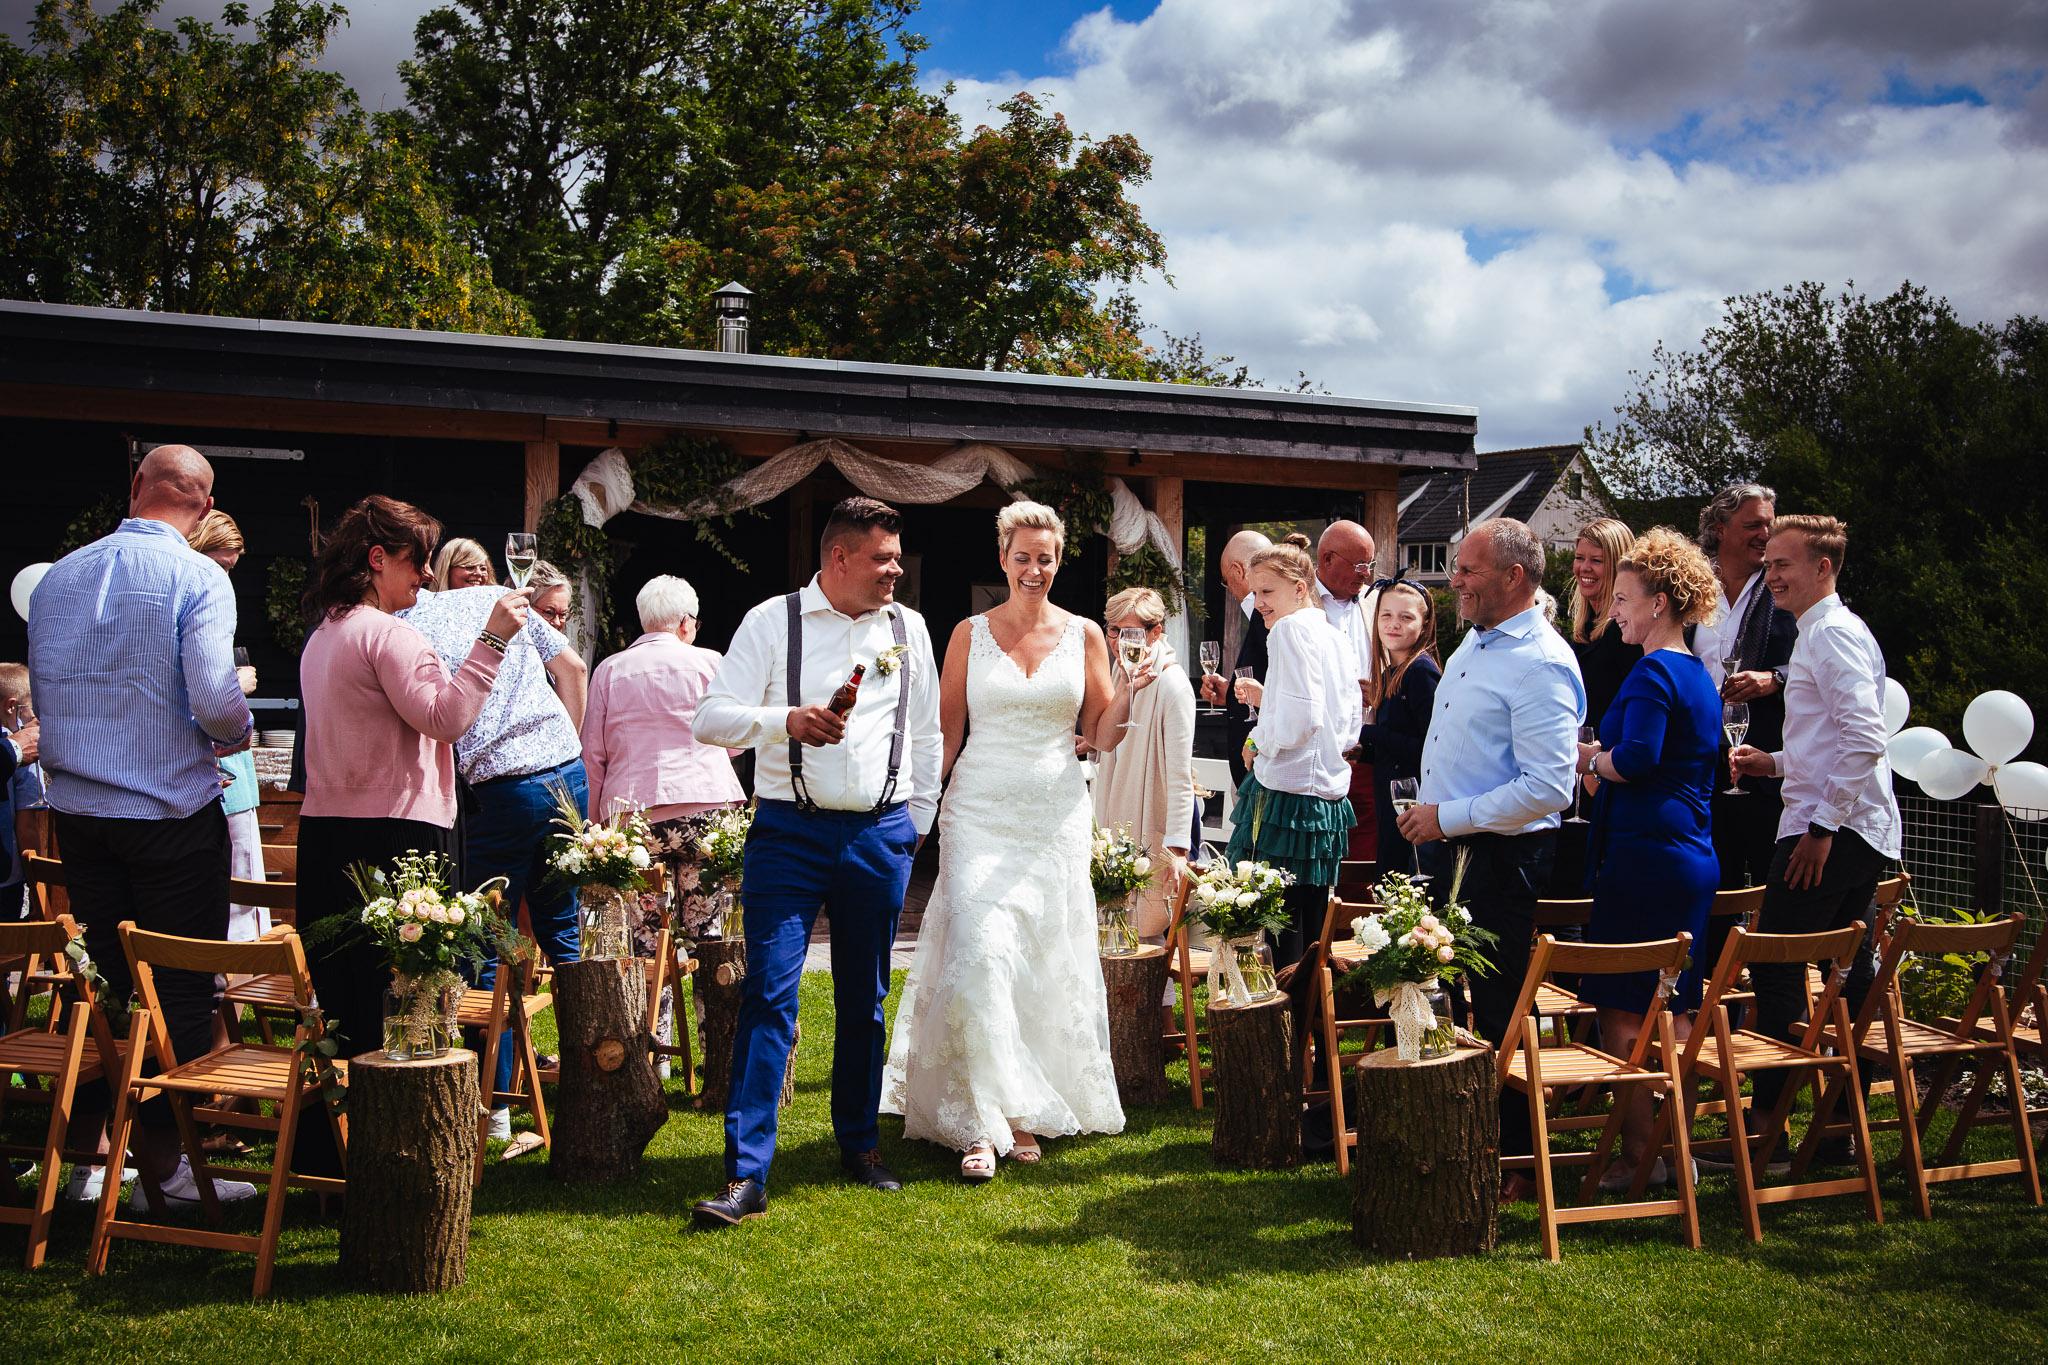 bruiloft groningen aduard suikerfabriek